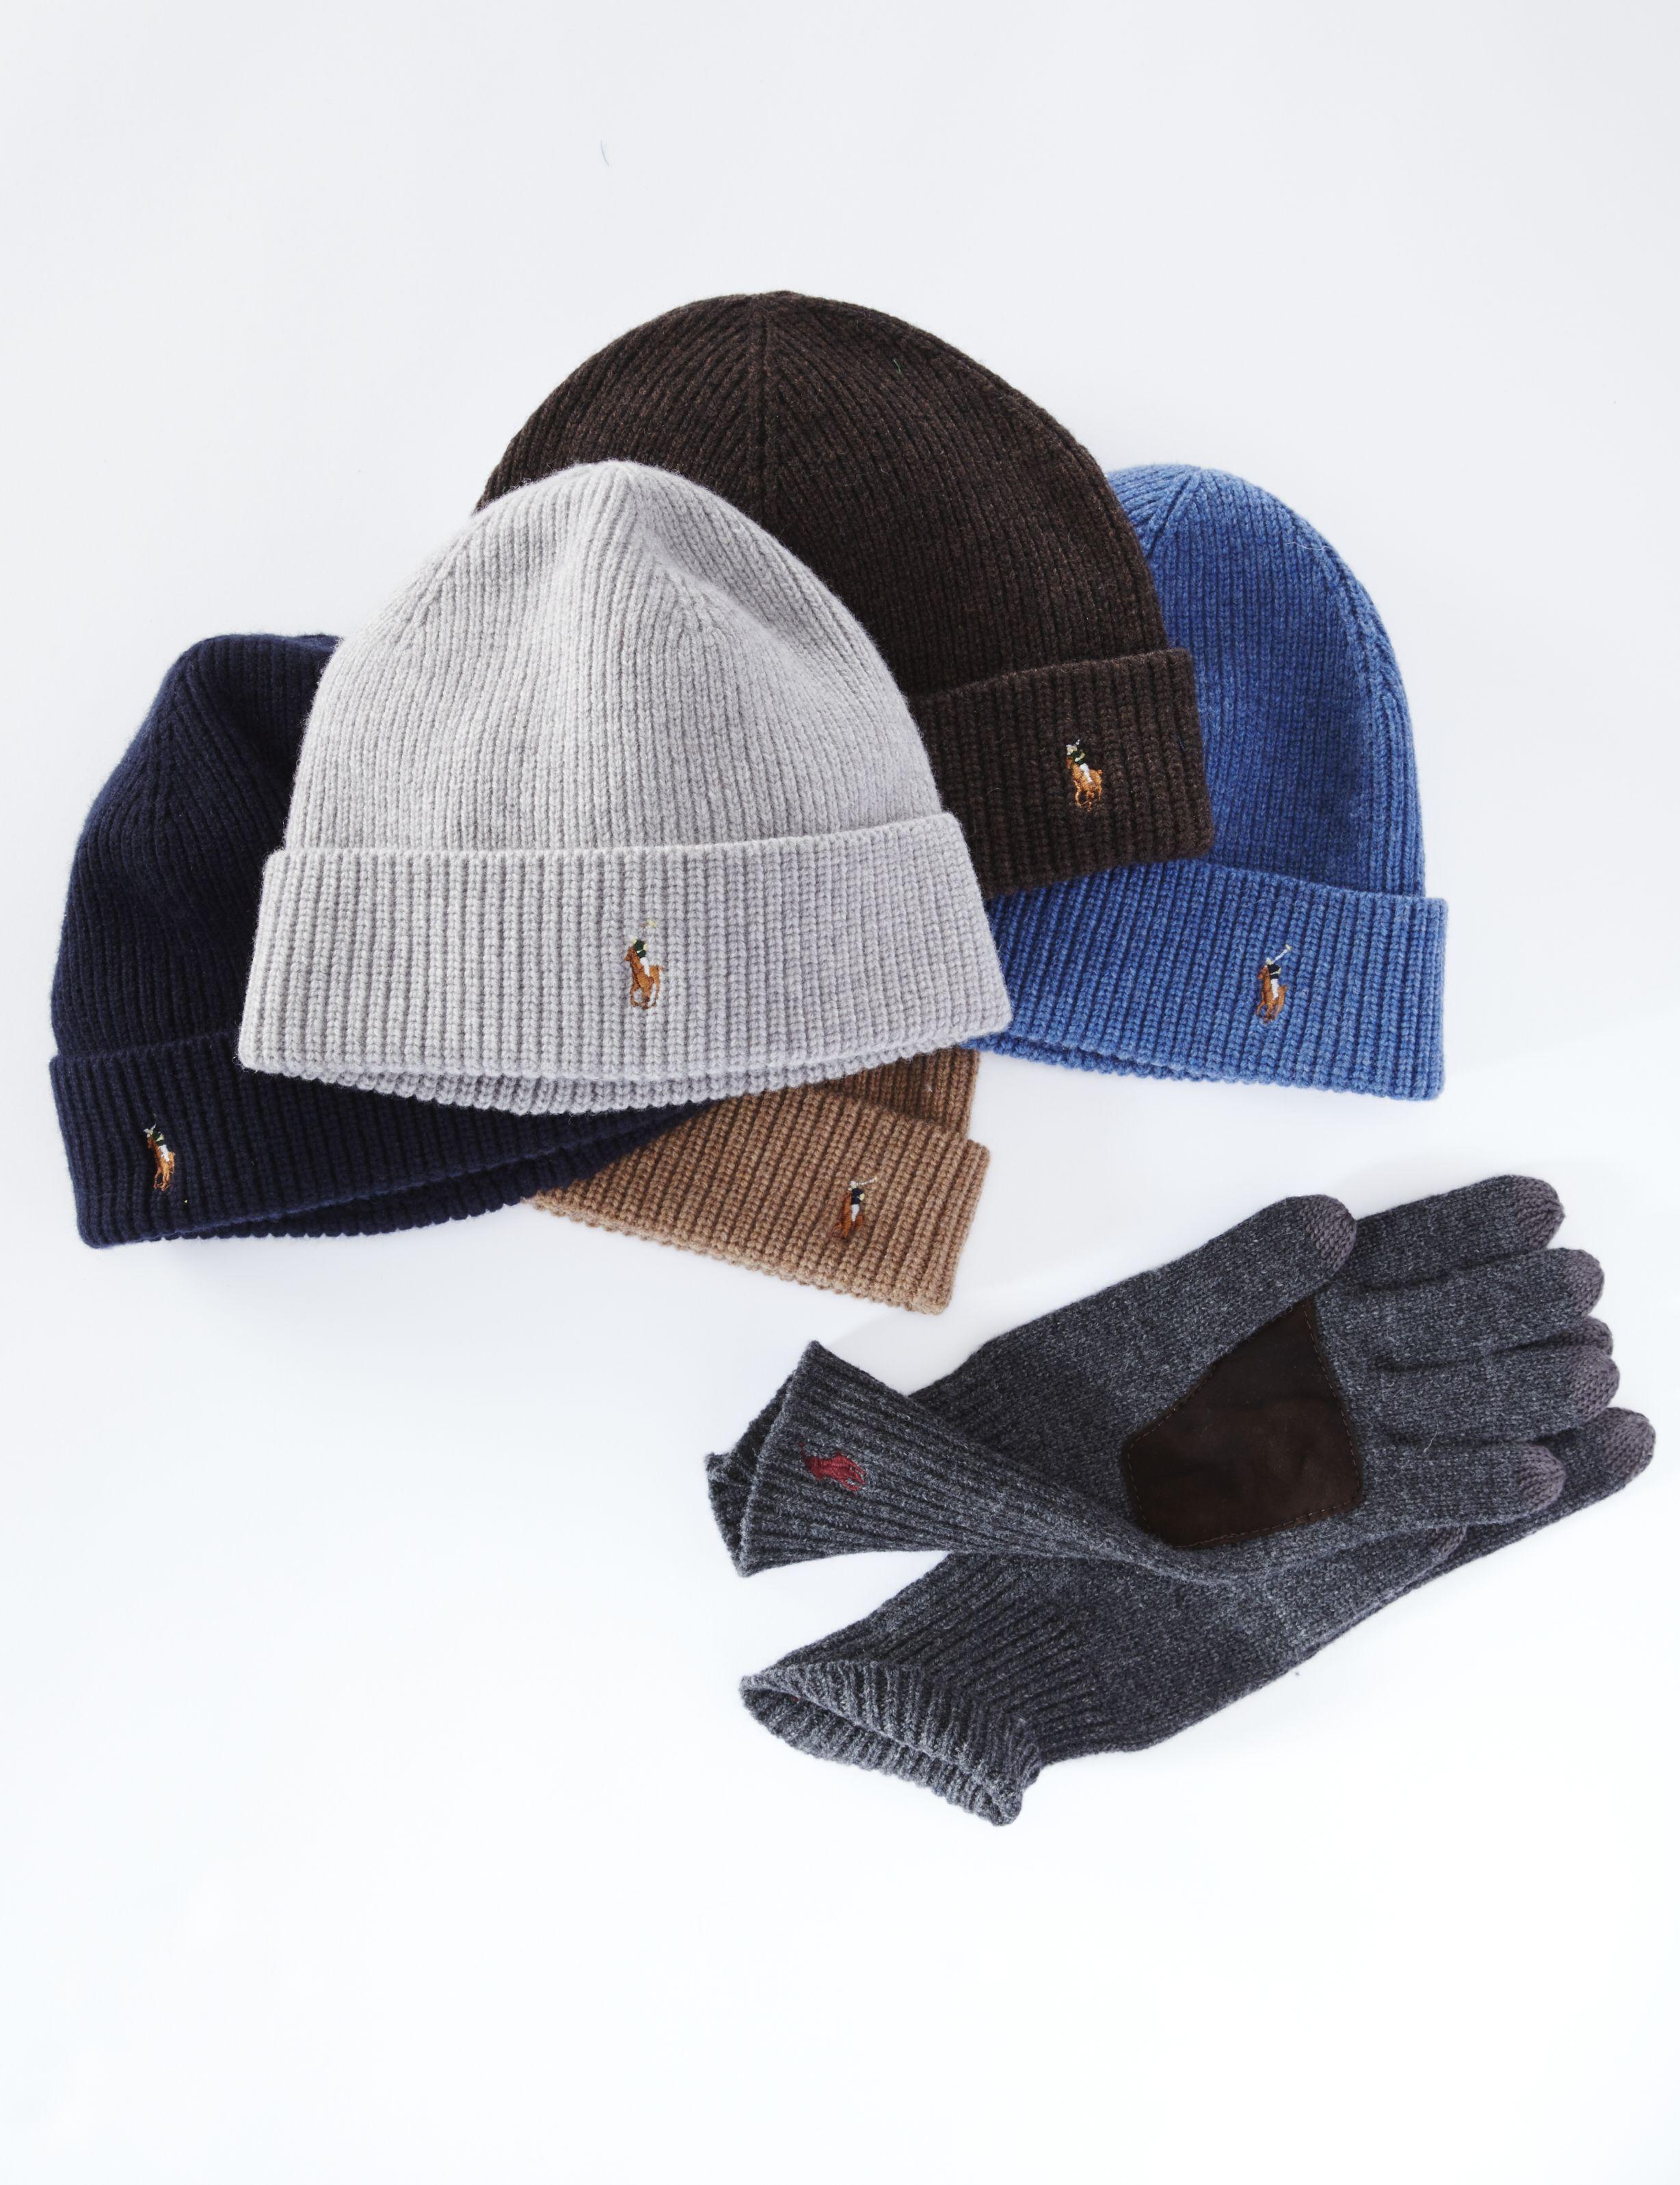 Polo Holiday Signature Merino Cuff Hat  bbcba614eb5